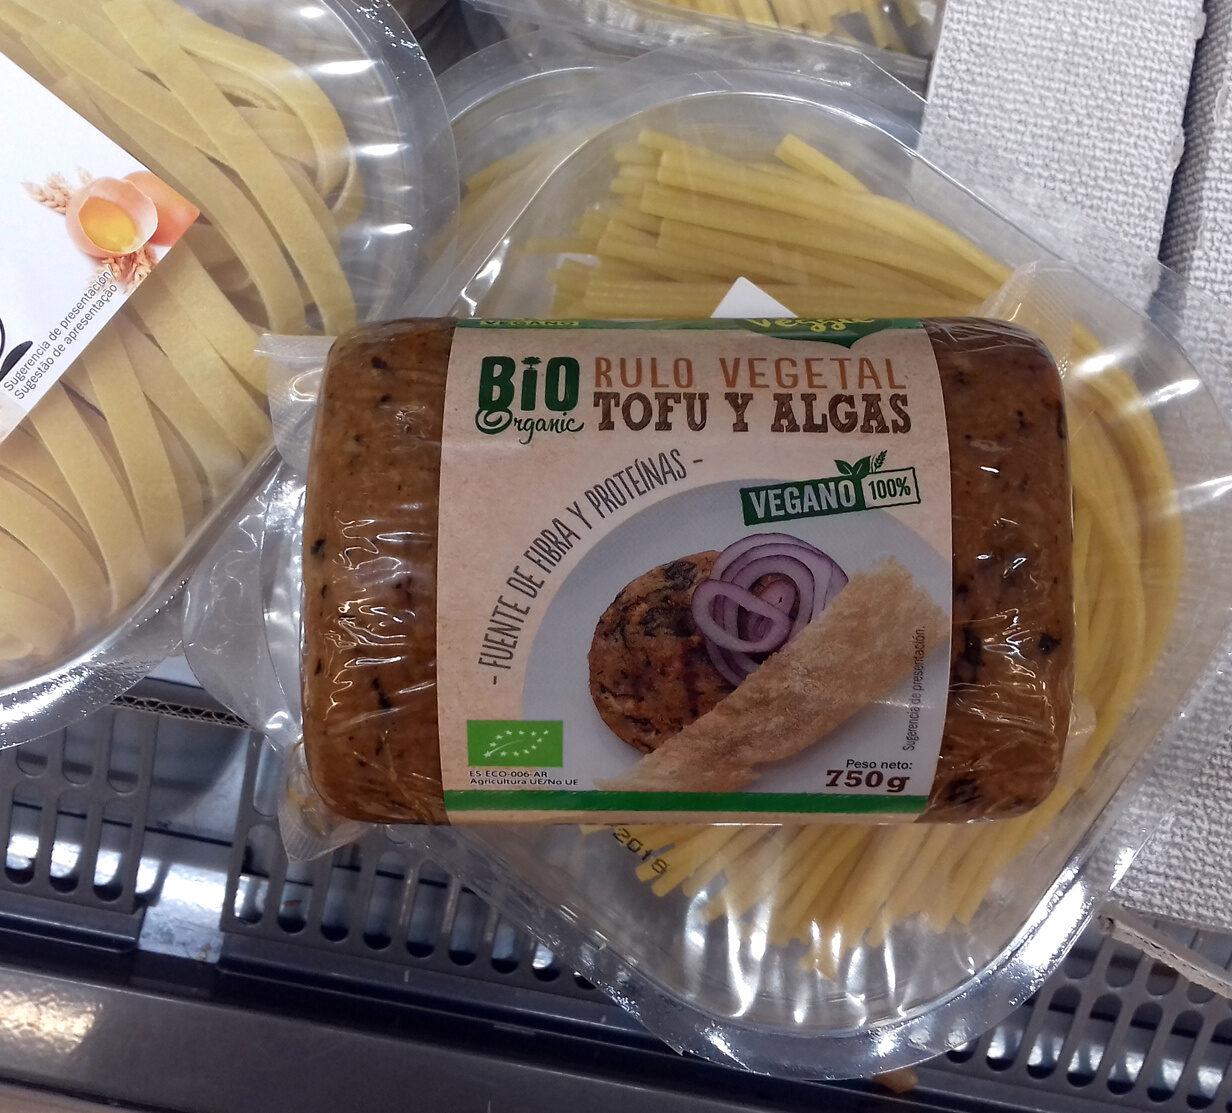 Rulo vegetal tofu y algas - Producte - es